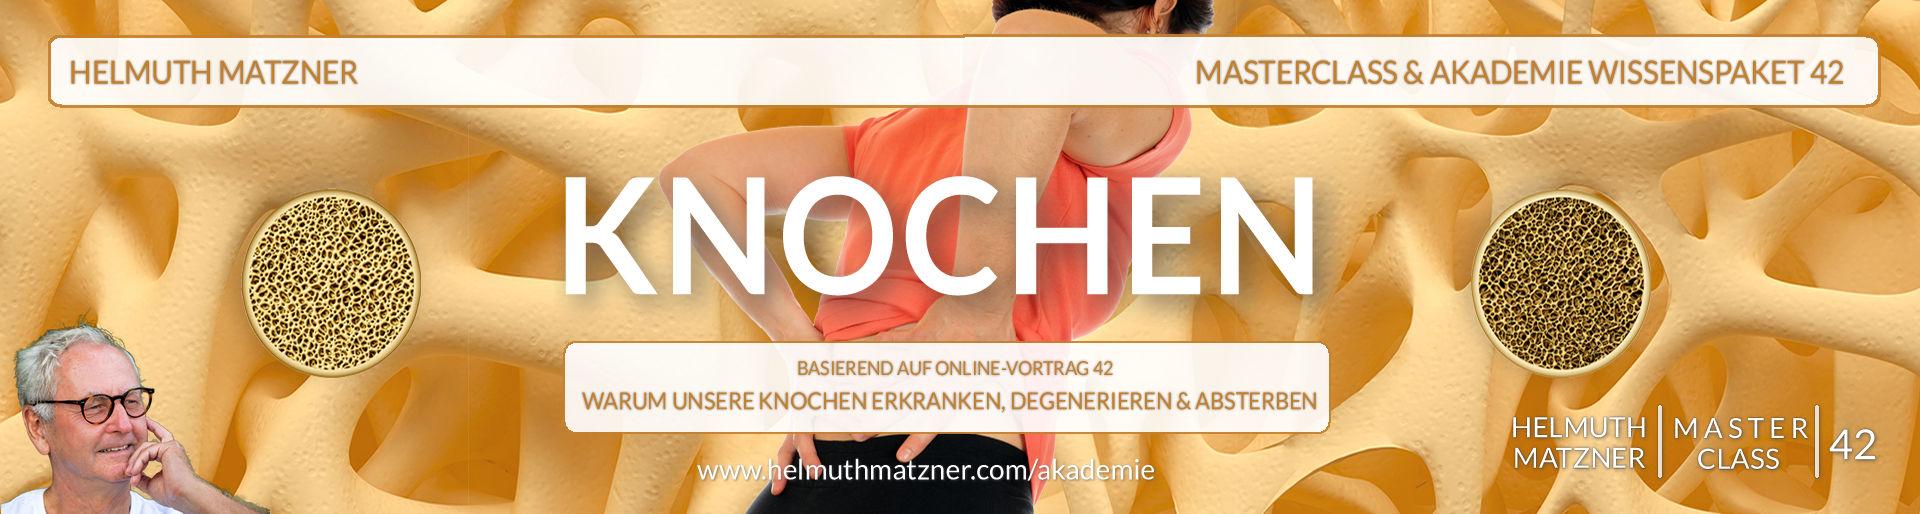 Helmuth Matzner - Masterclass & Akademie Wissenspaket 42 - Knochen - Web Header v1F3